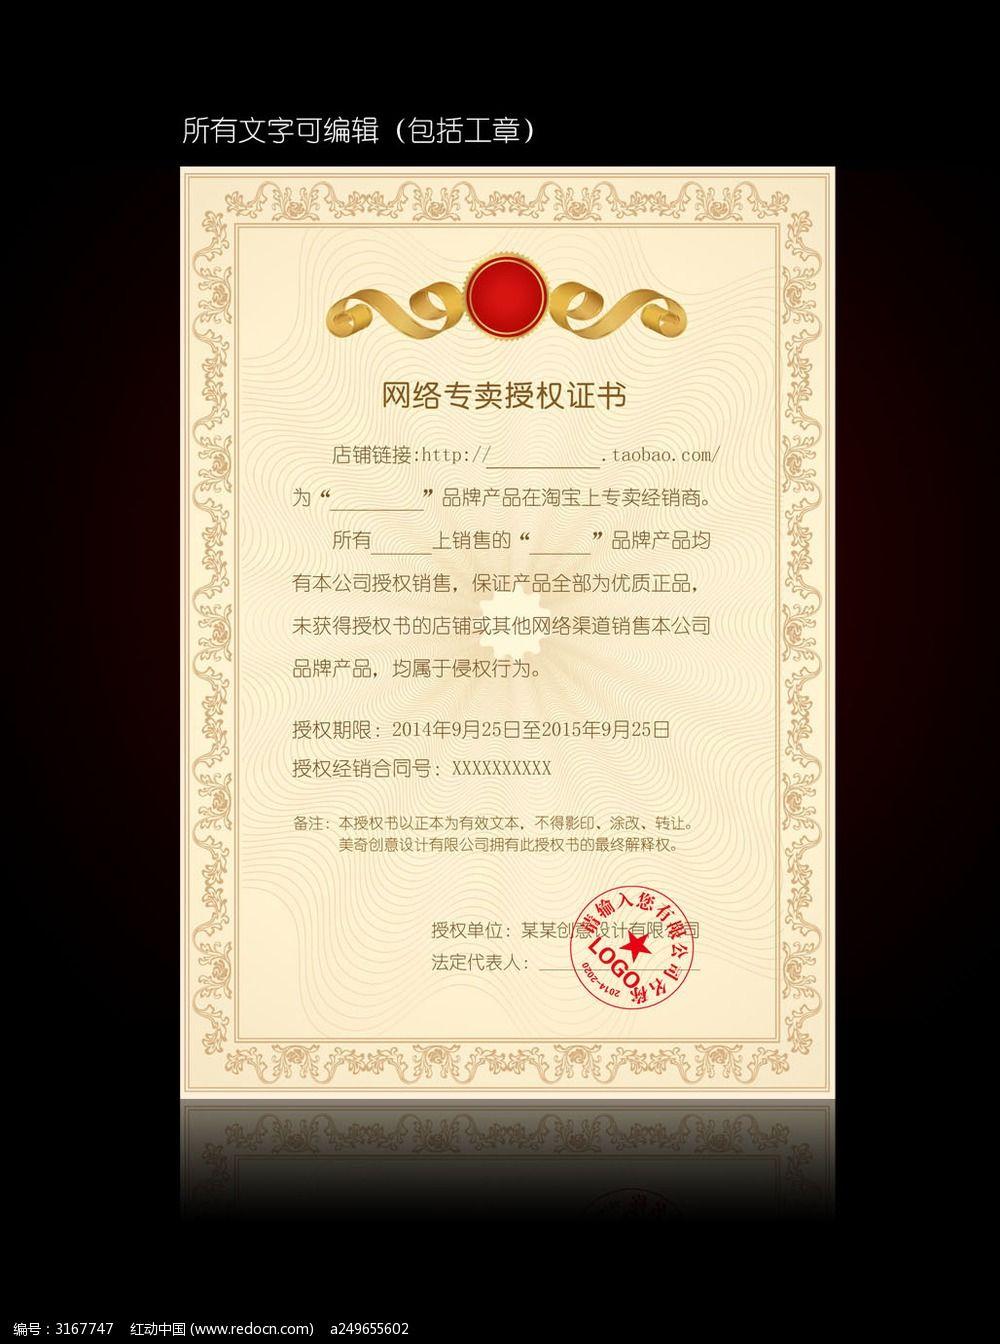 网络授权书授权证书模板